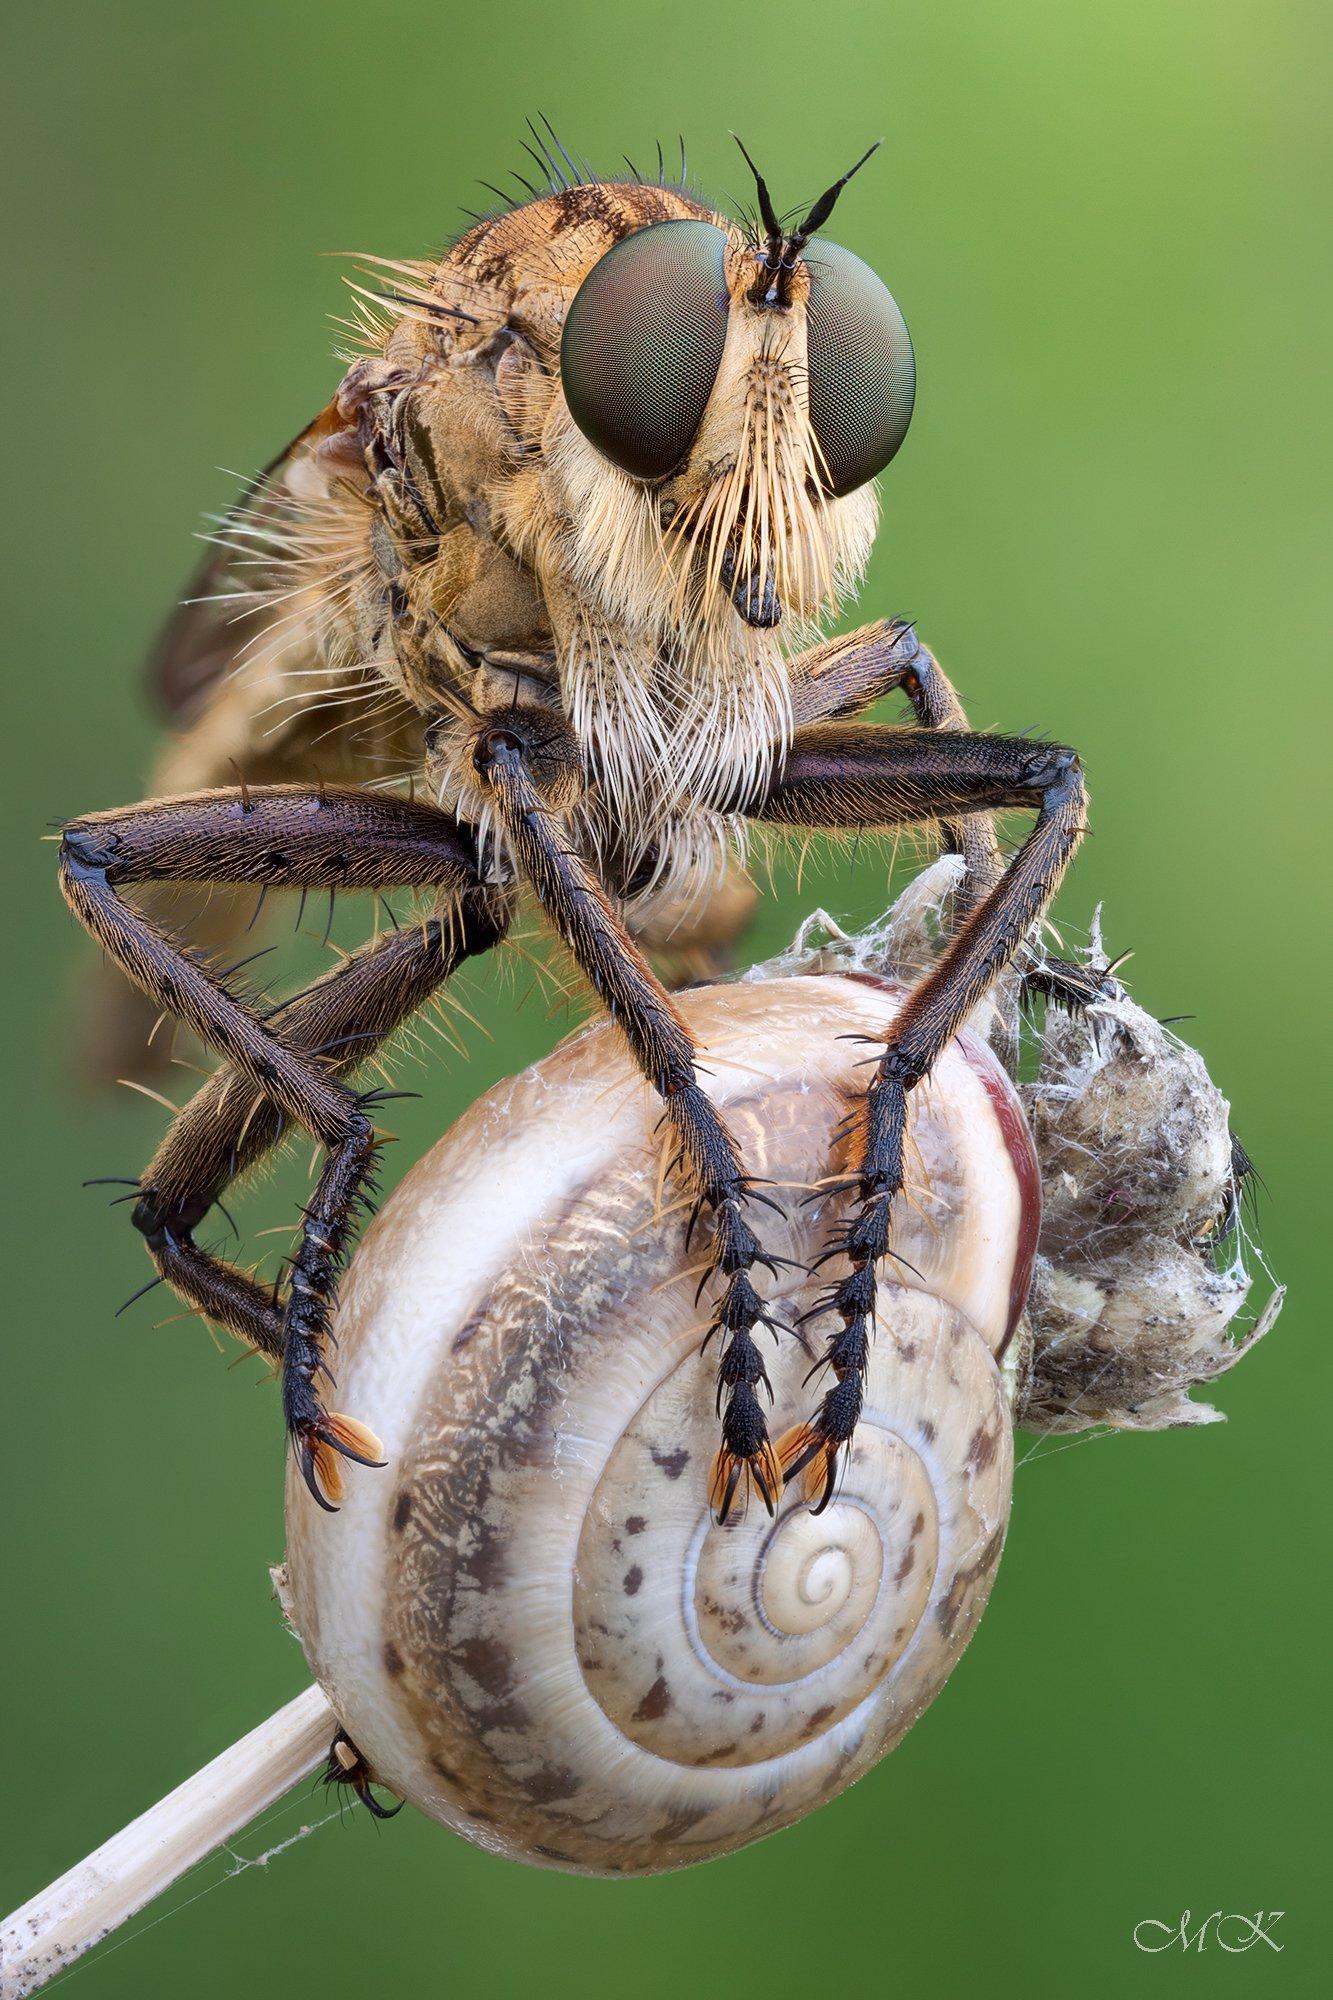 ктырь, robber fly, asilidae, Miron Karlinsky